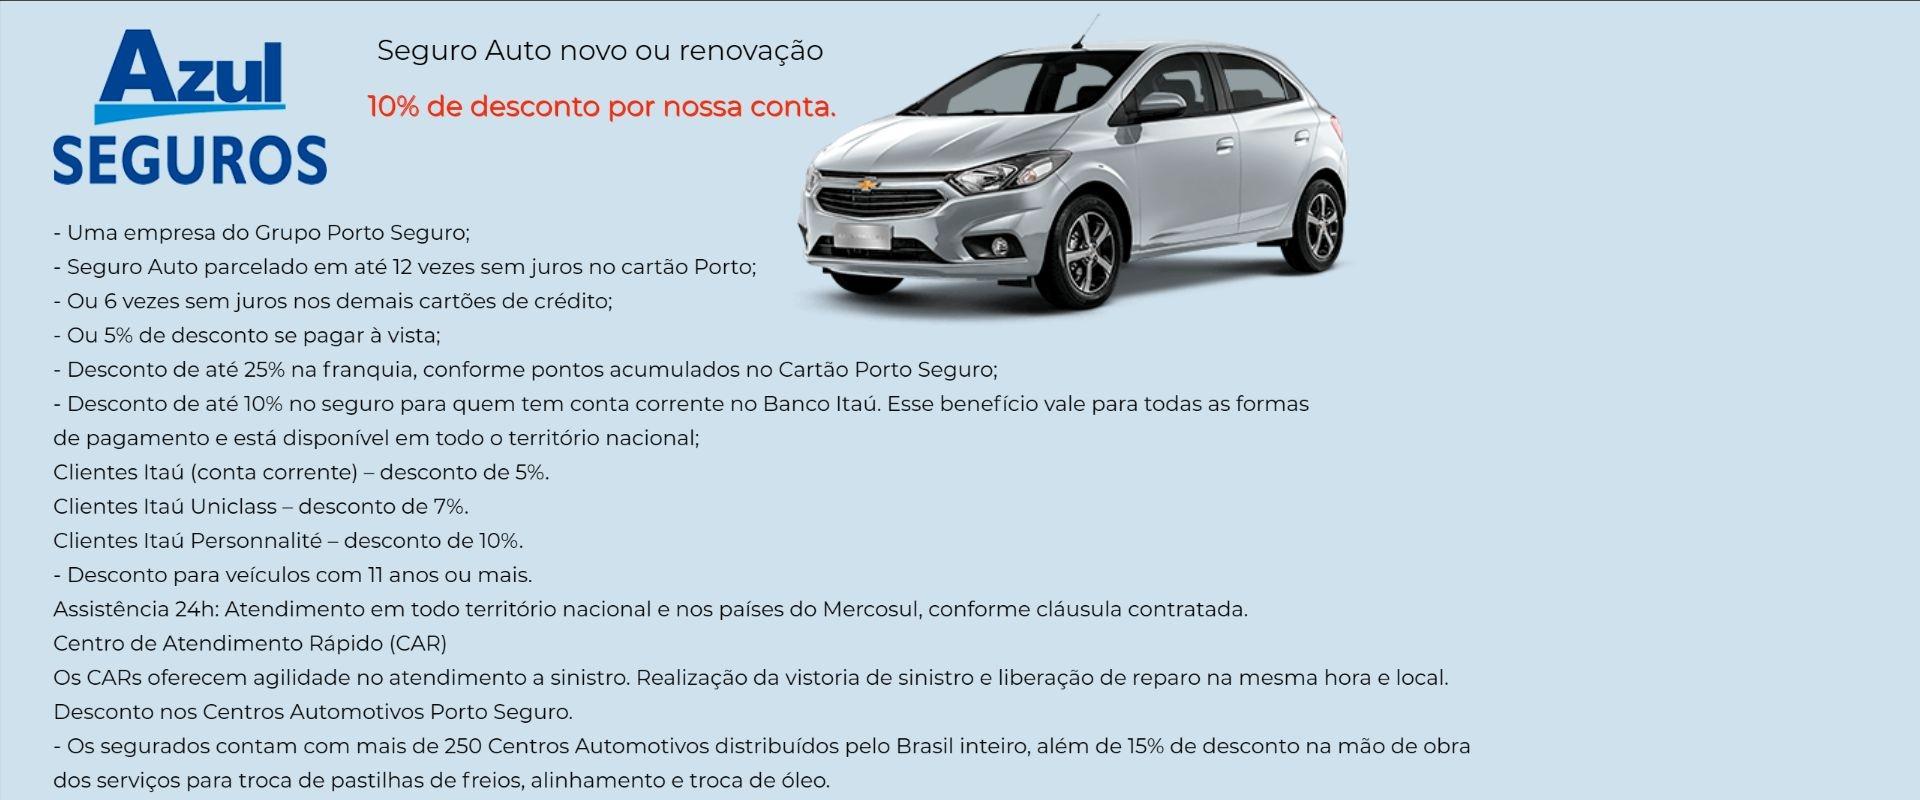 Azul Seguro Auto com Desconto em São Joaquim da Barra